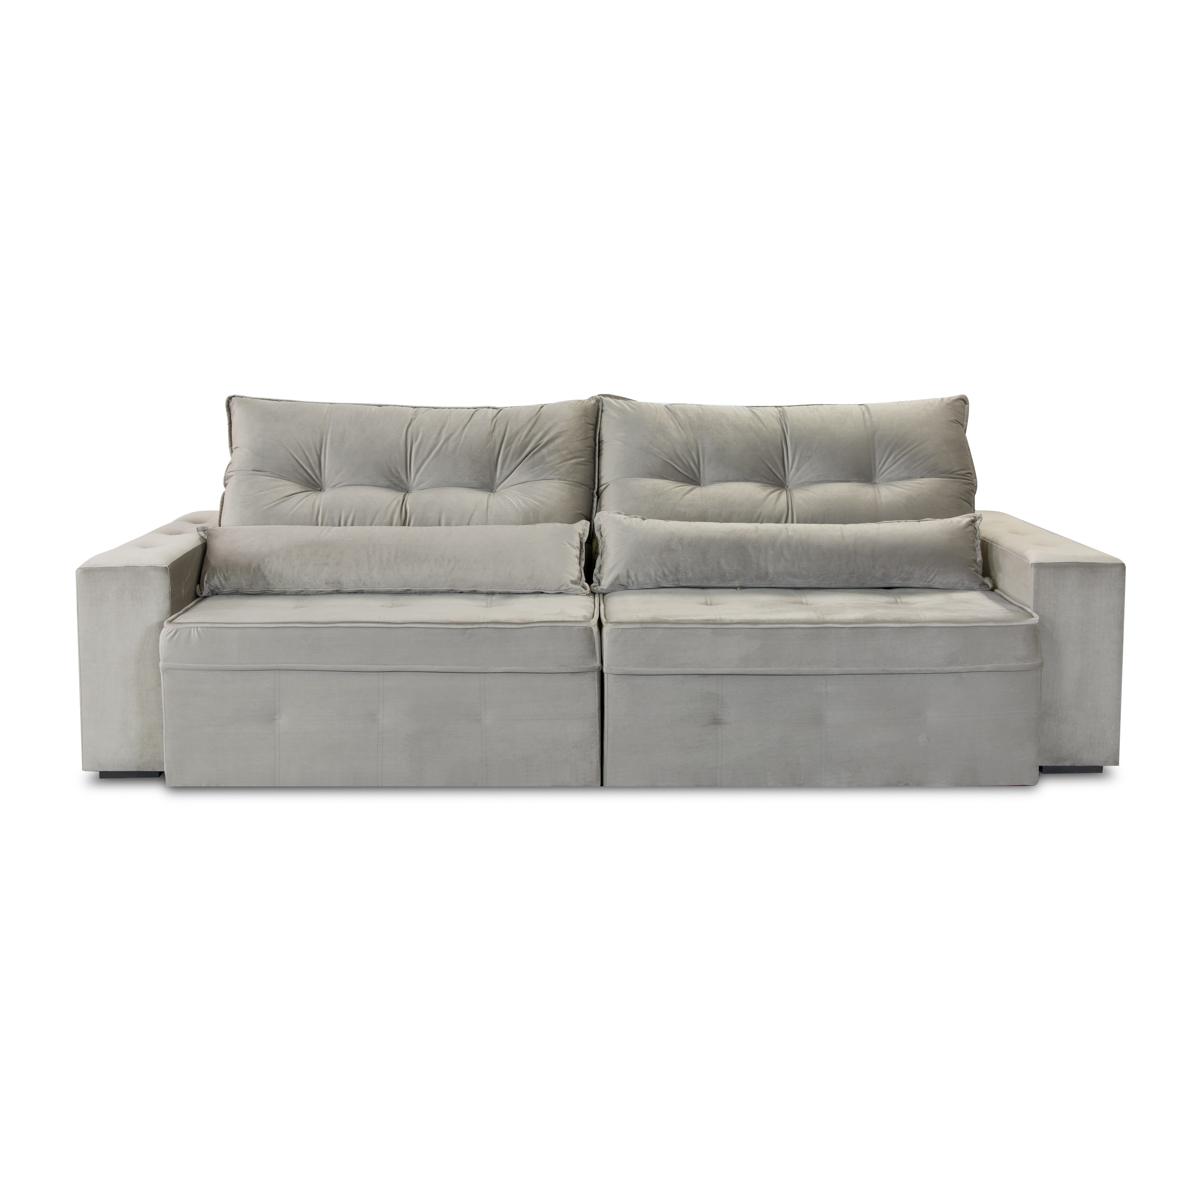 Sofá Retrátil e Reclinável 290cm Niaga Cinza  - Formato Móveis e Decorações